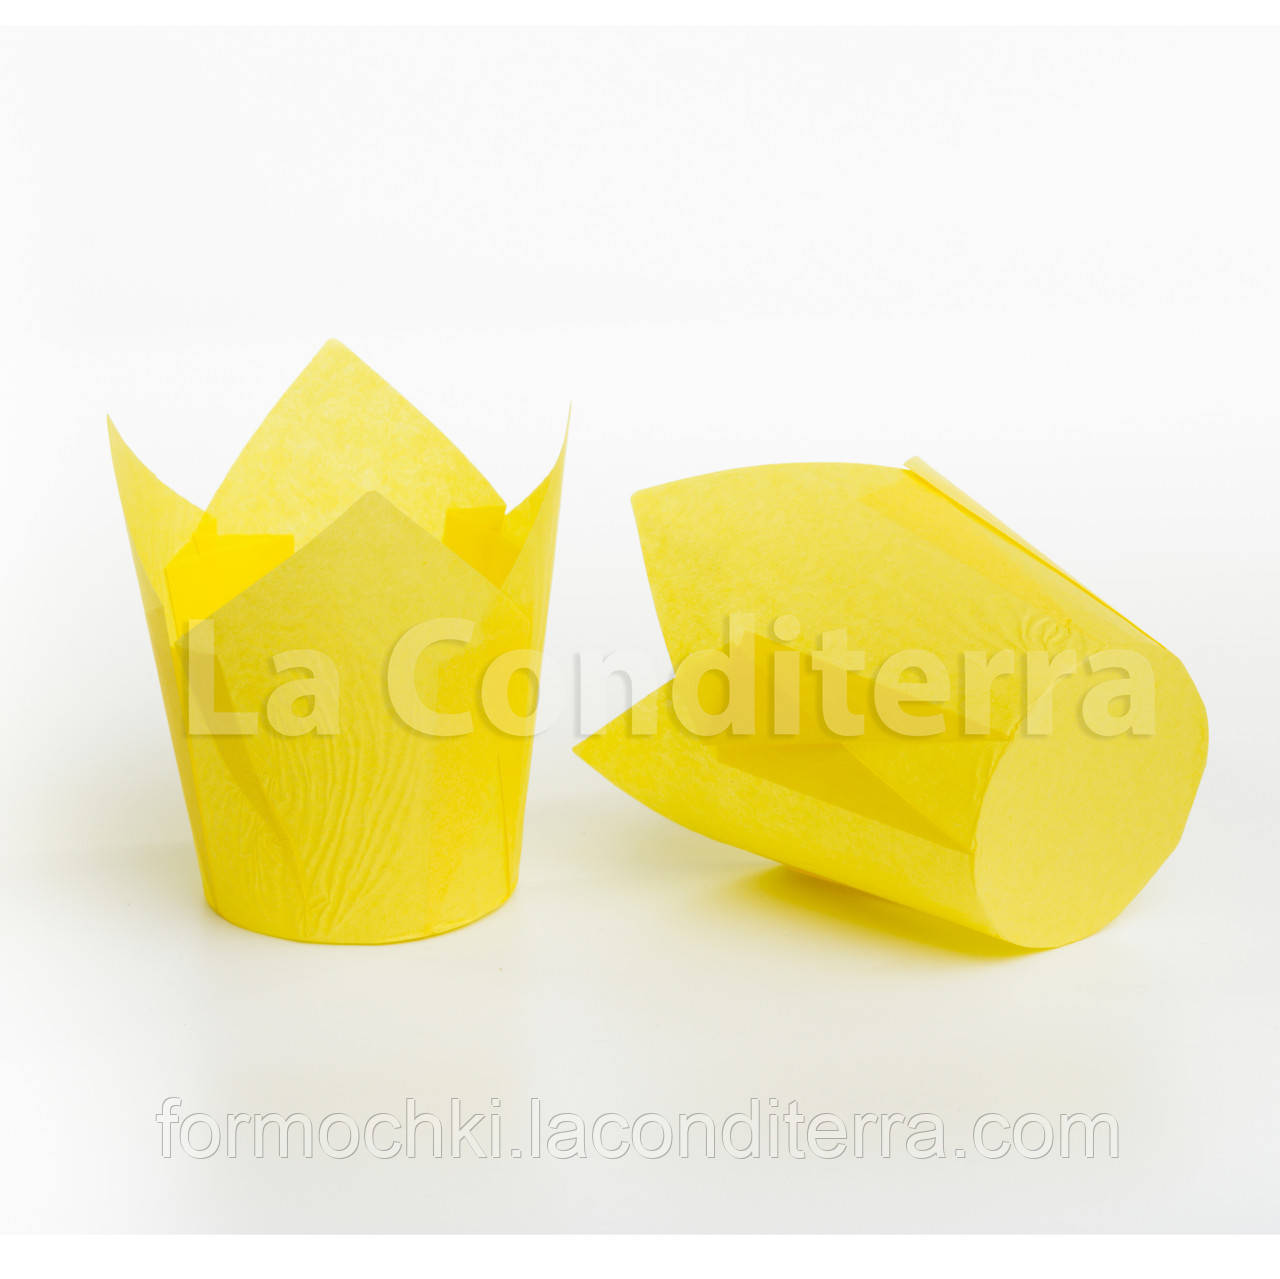 Формочки для кексов Тюльпаны желтые (100 шт., d=60 мм, высота бортика=60/90 мм)